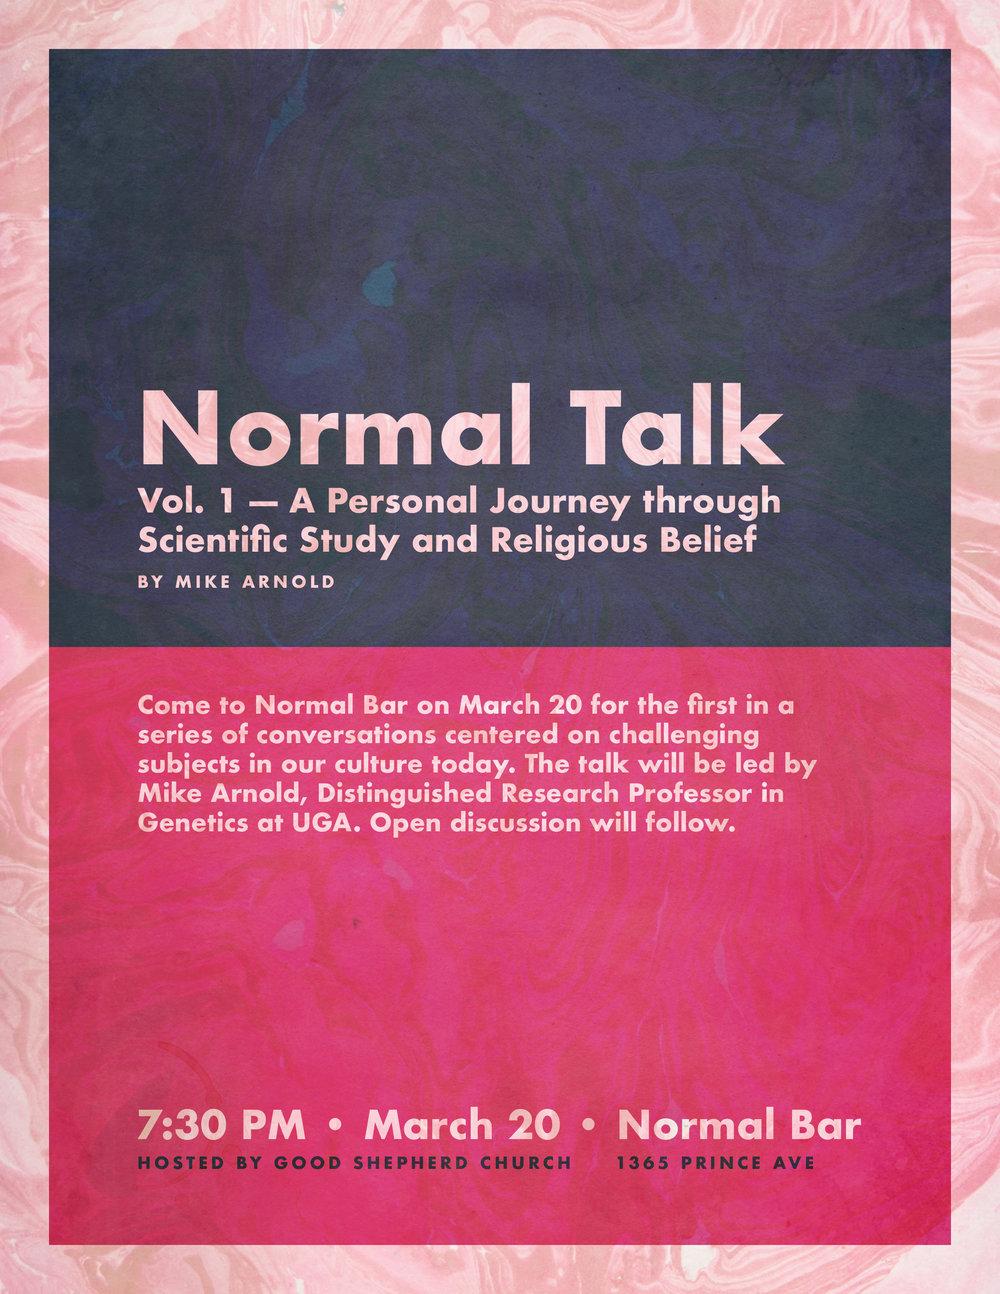 NormalTalk3.jpg